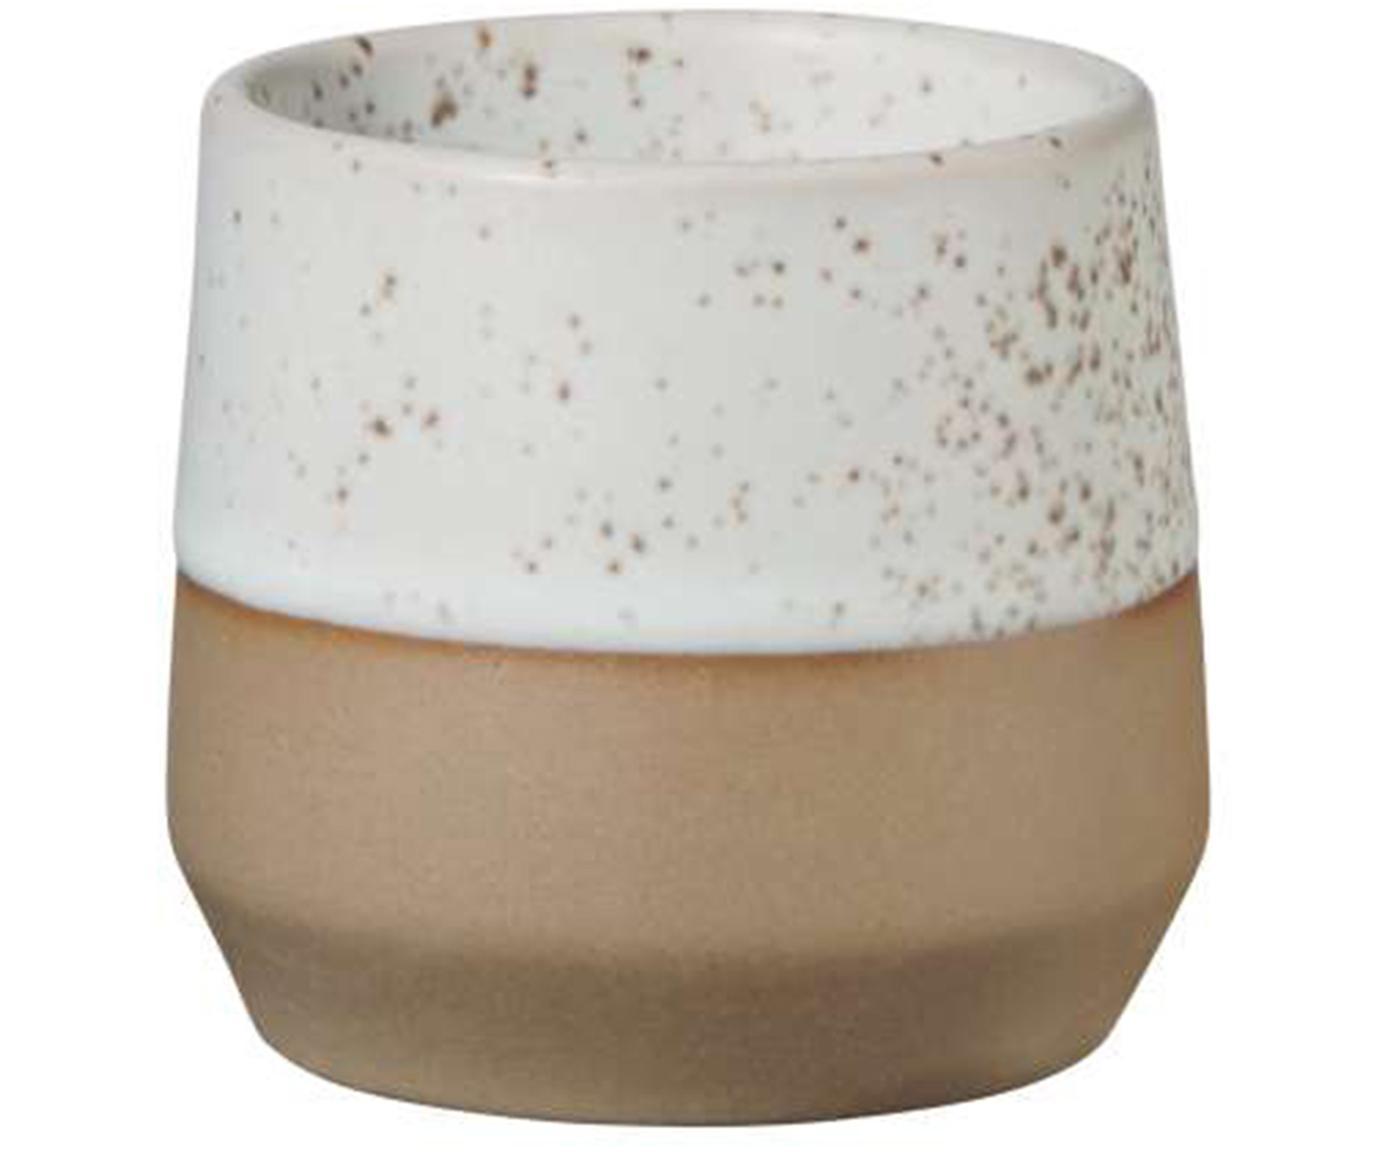 Kieliszek do jajek Caja, 2 szt., Terakota, Brązowy i odcienie beżowego, Ø 5 x W 5 cm